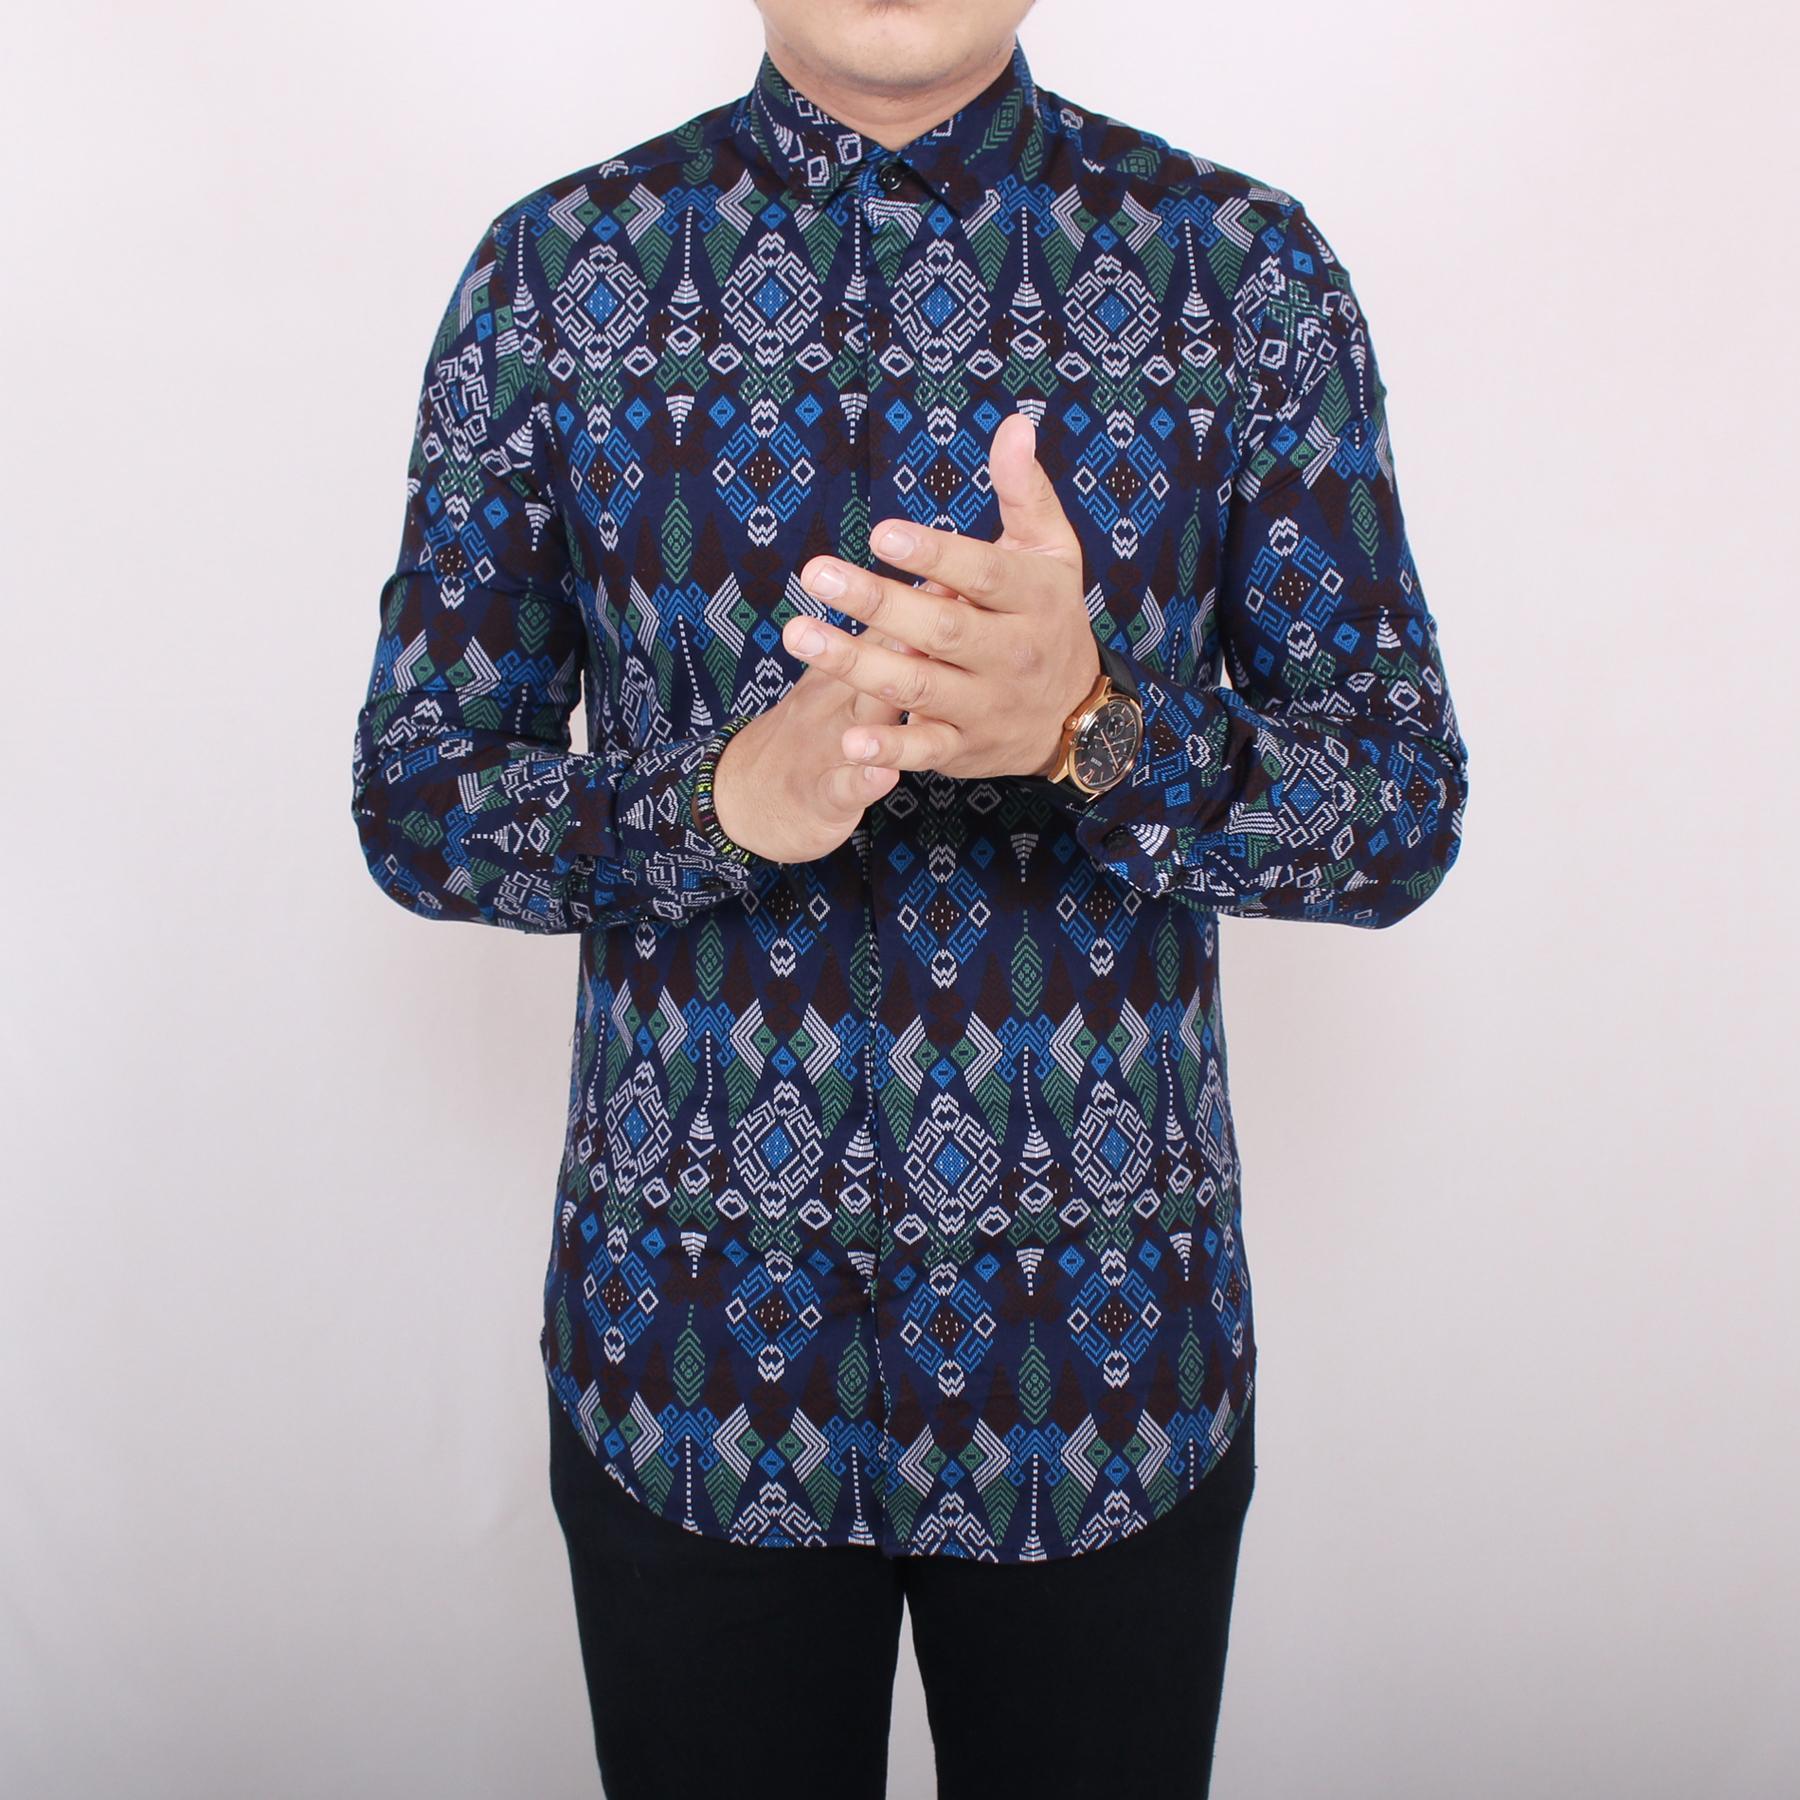 Zoeystore1 6184 Kemeja Batik Pria Lengan Panjang Kemeja Batik Kerja Formal  Kemeja Batik Songket Cowok Baju a26405de6f